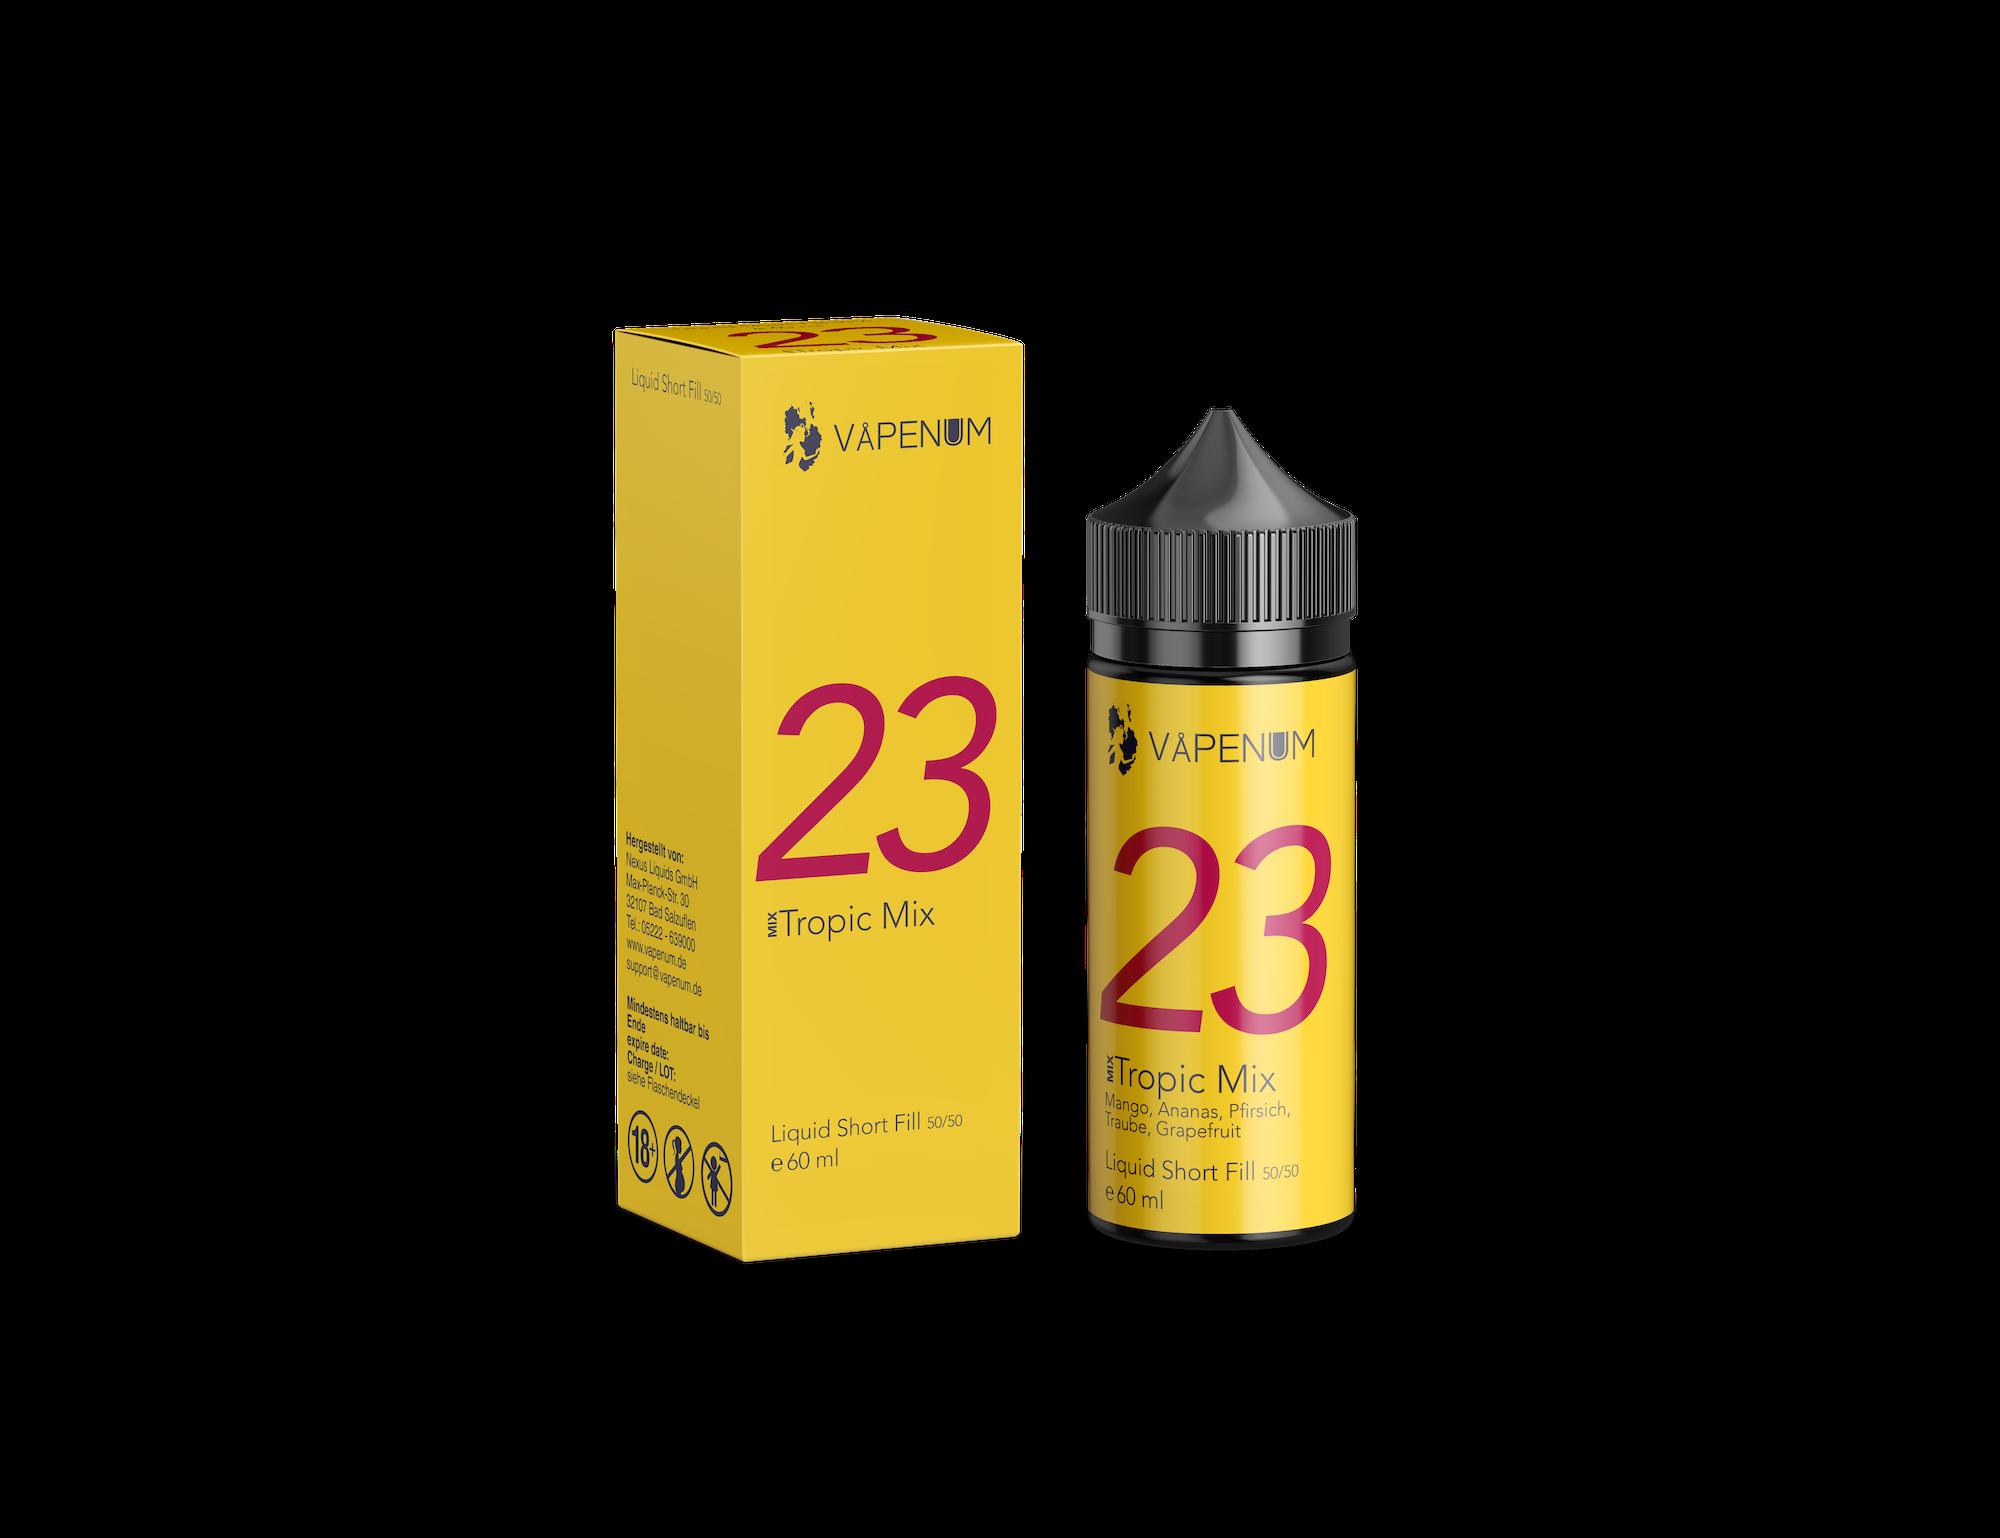 Vapenum Shortfill Mix 23 Tropic Mix